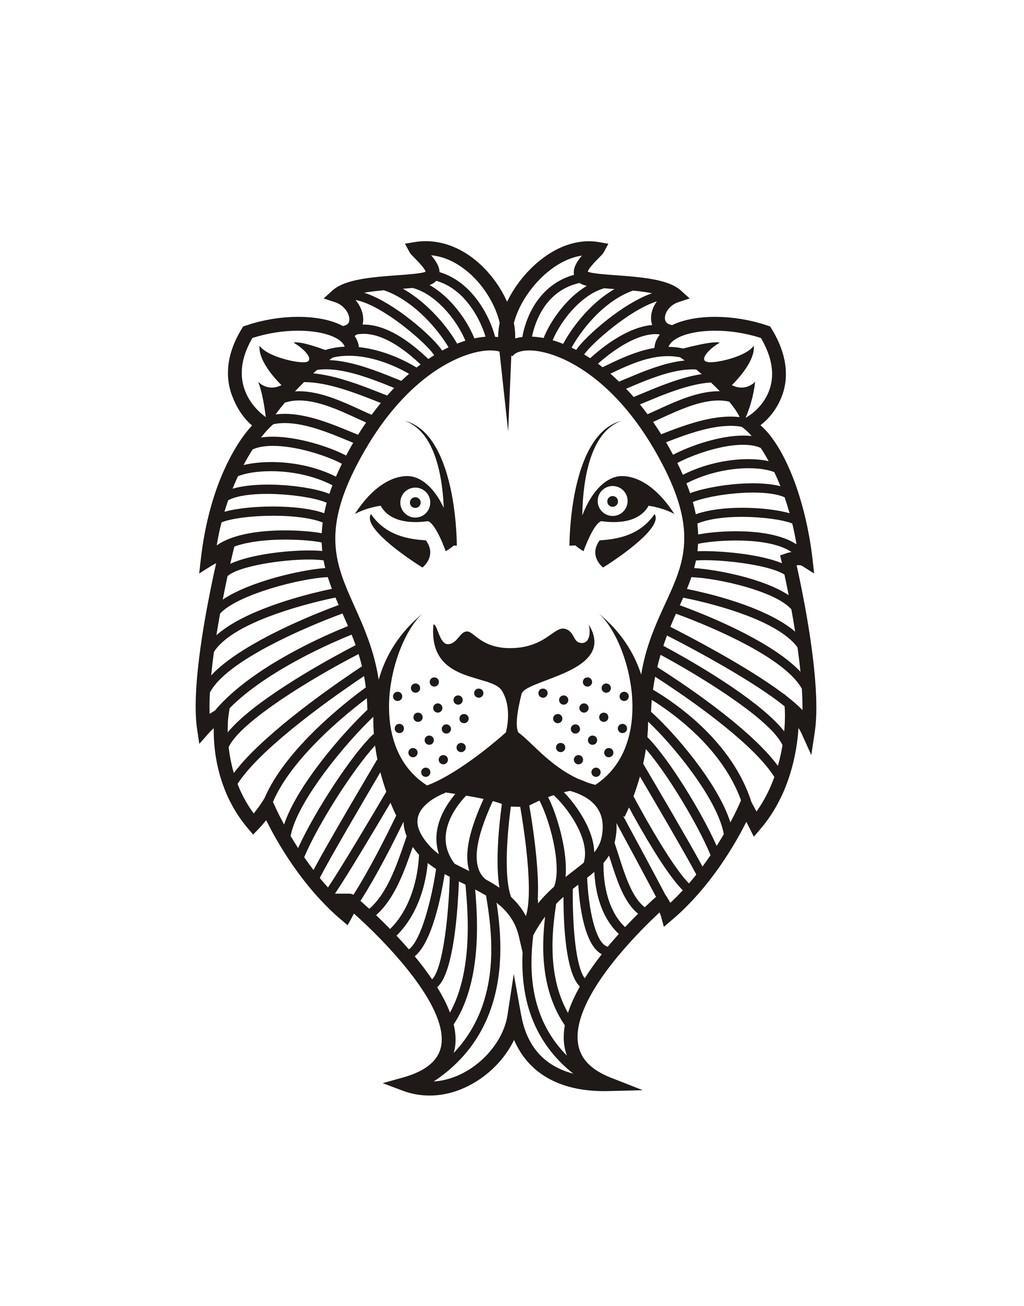 卡通动物简笔画狮子